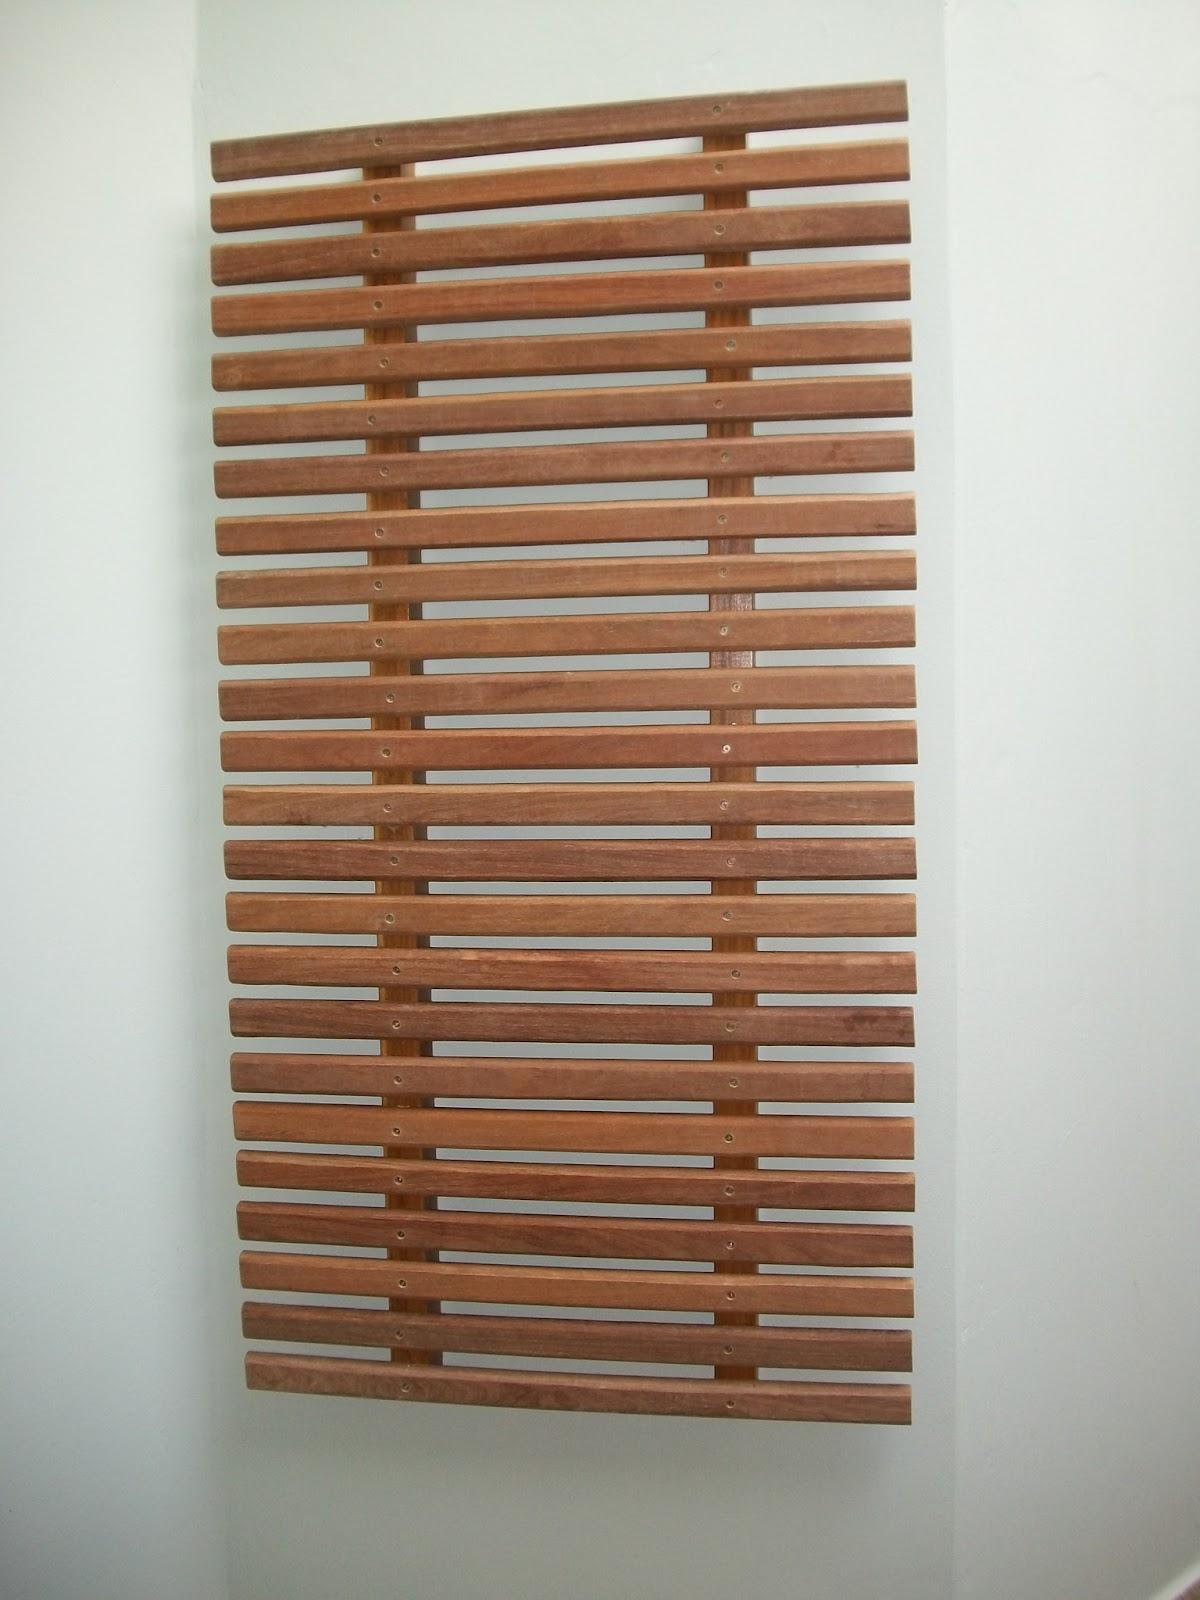 de madeira jardim vertical:Paisagismo.: Treliças ou Suporte para  #4D2E18 1200x1600